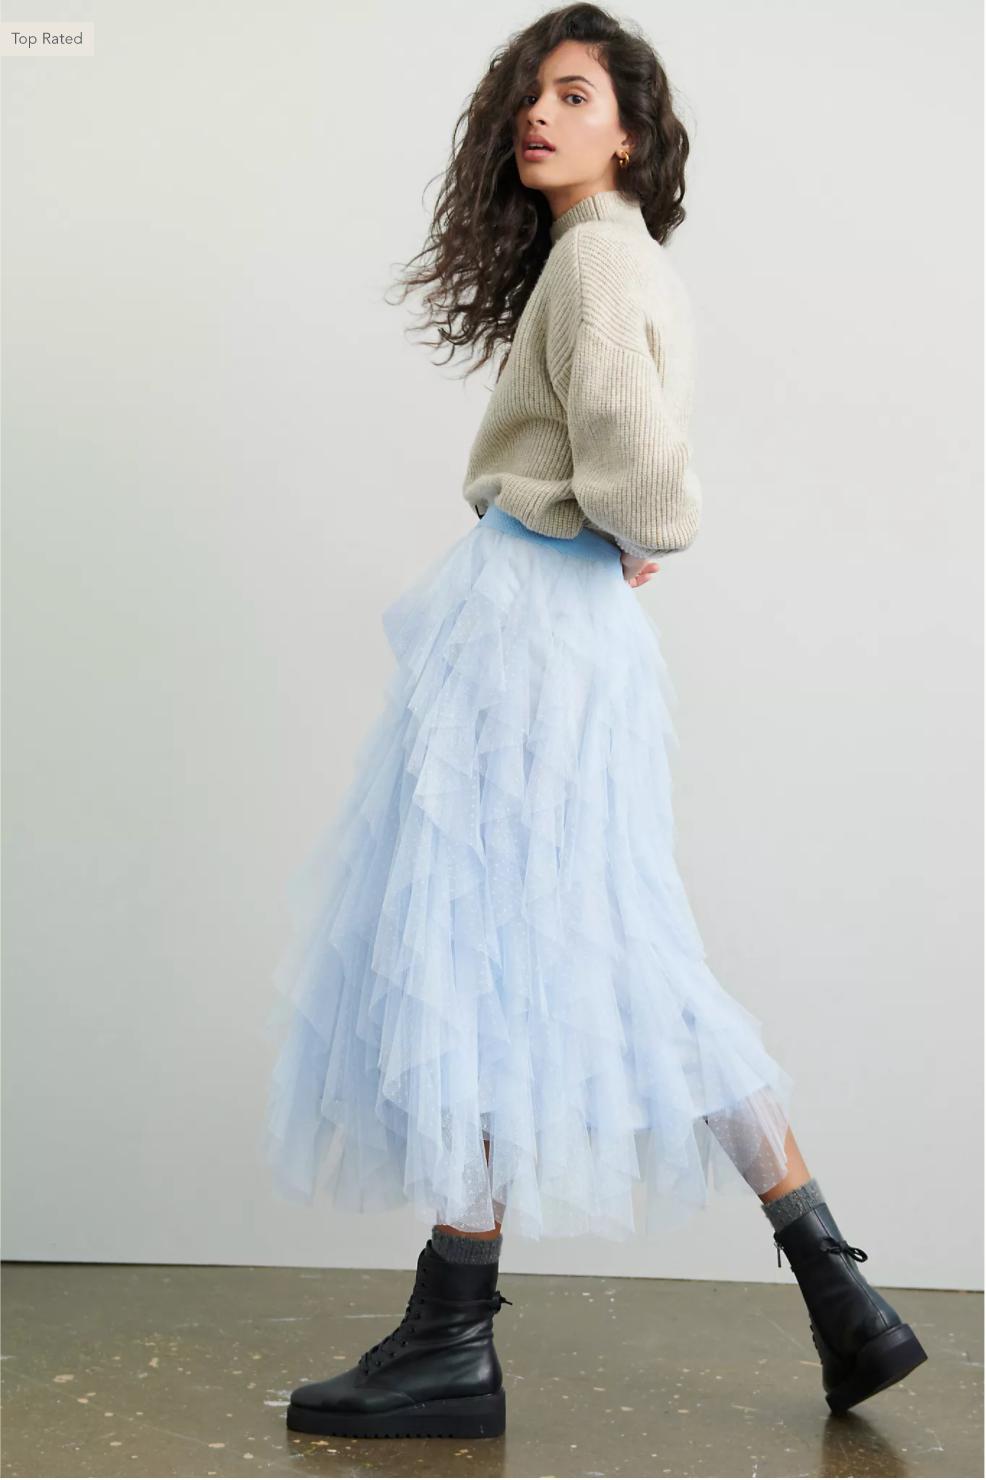 https://www.anthropologie.com/shop/tesia-ruffled-tulle-midi-skirt?color=045&size=XL&inventoryCountry=US&countryCode=US&gclid=CjwKCAiAtK79BRAIEiwA4OskBtKNj-V1lOLLUd04XzZNTswY5Py_ZZaq_ttOpAU5sFM8O43NHzWRHBoCgwYQAvD_BwE&gclsrc=aw.ds&type=STANDARD&quantity=1